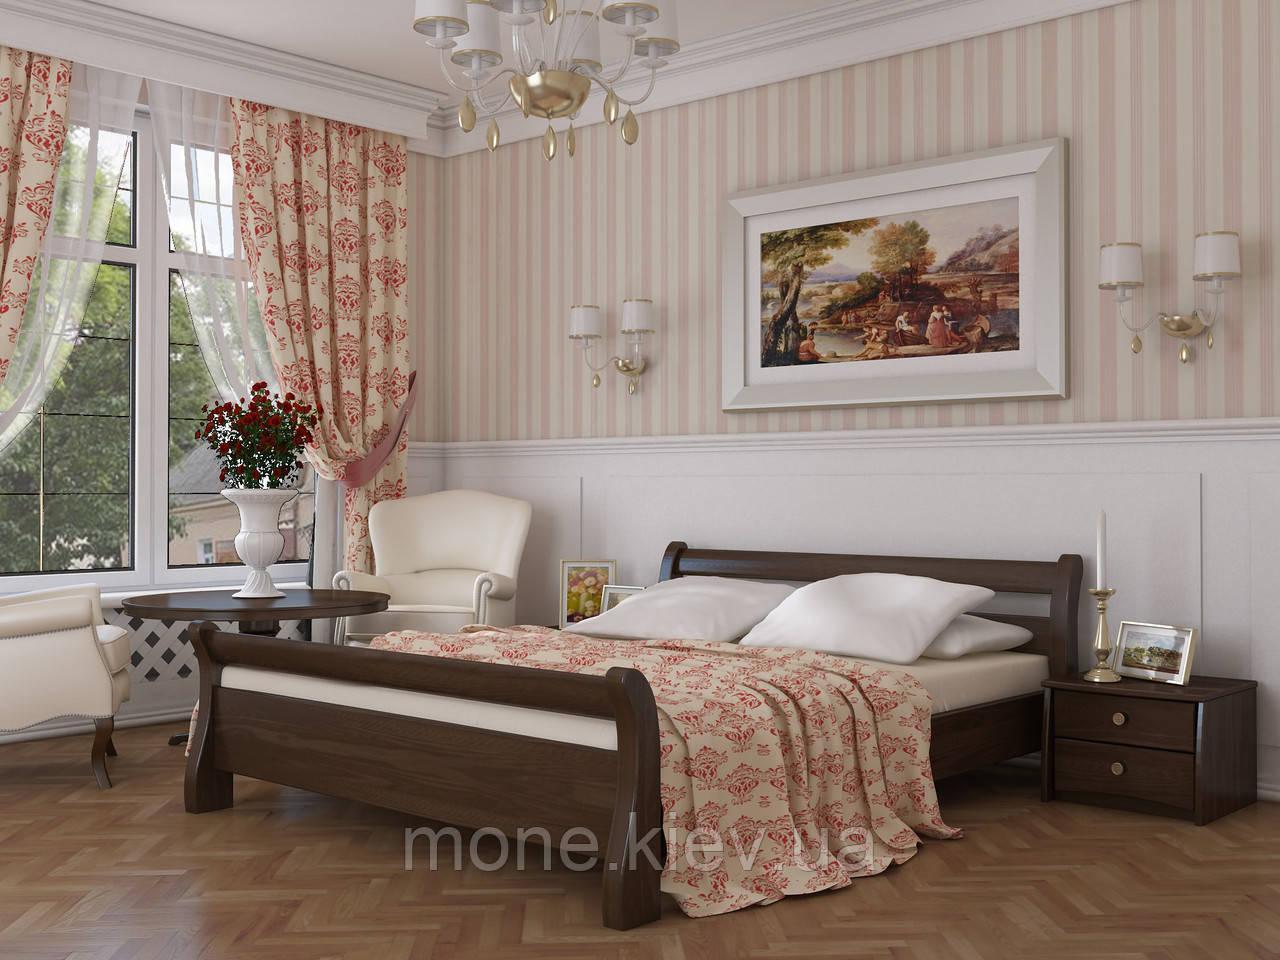 Кровать односпальная Диана деревянная из бука